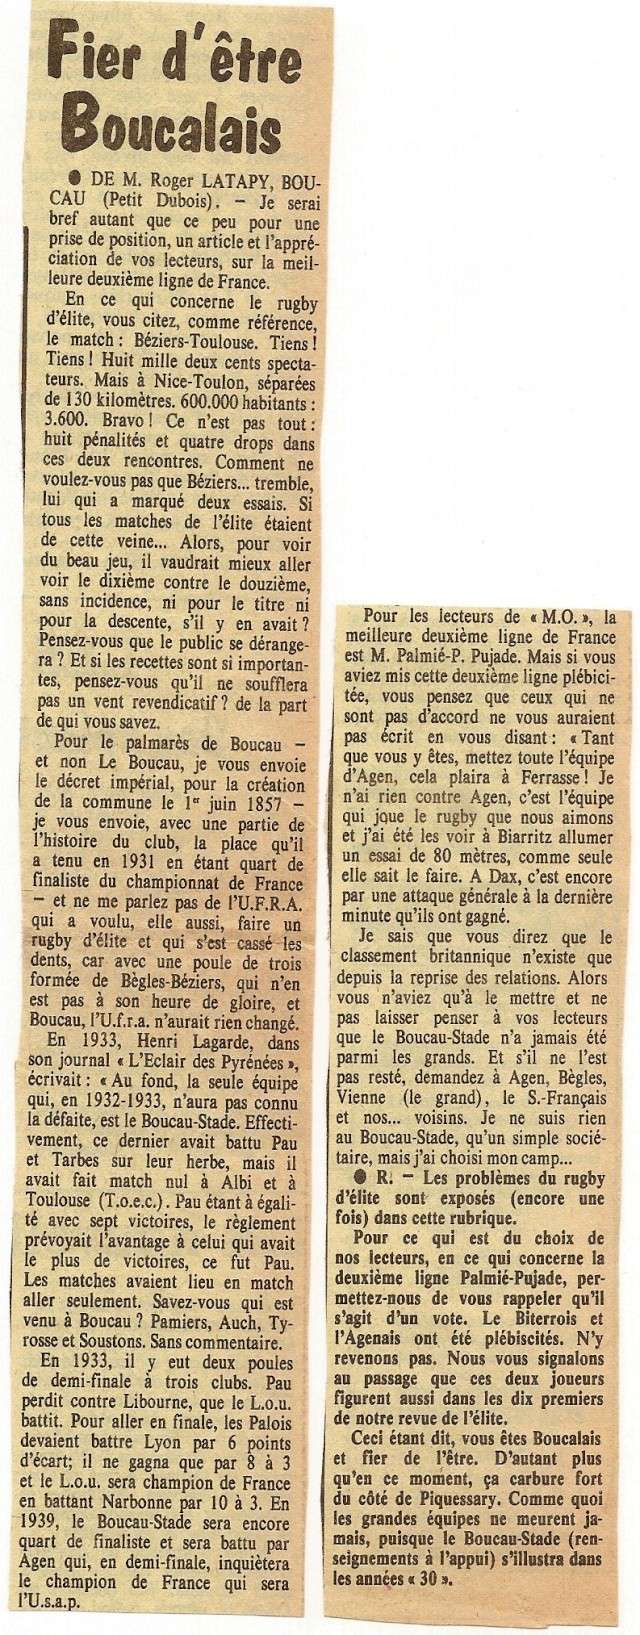 Saison 1984/85 (dernier 16ème de Finale de 1ère Division) - Page 2 Articl10